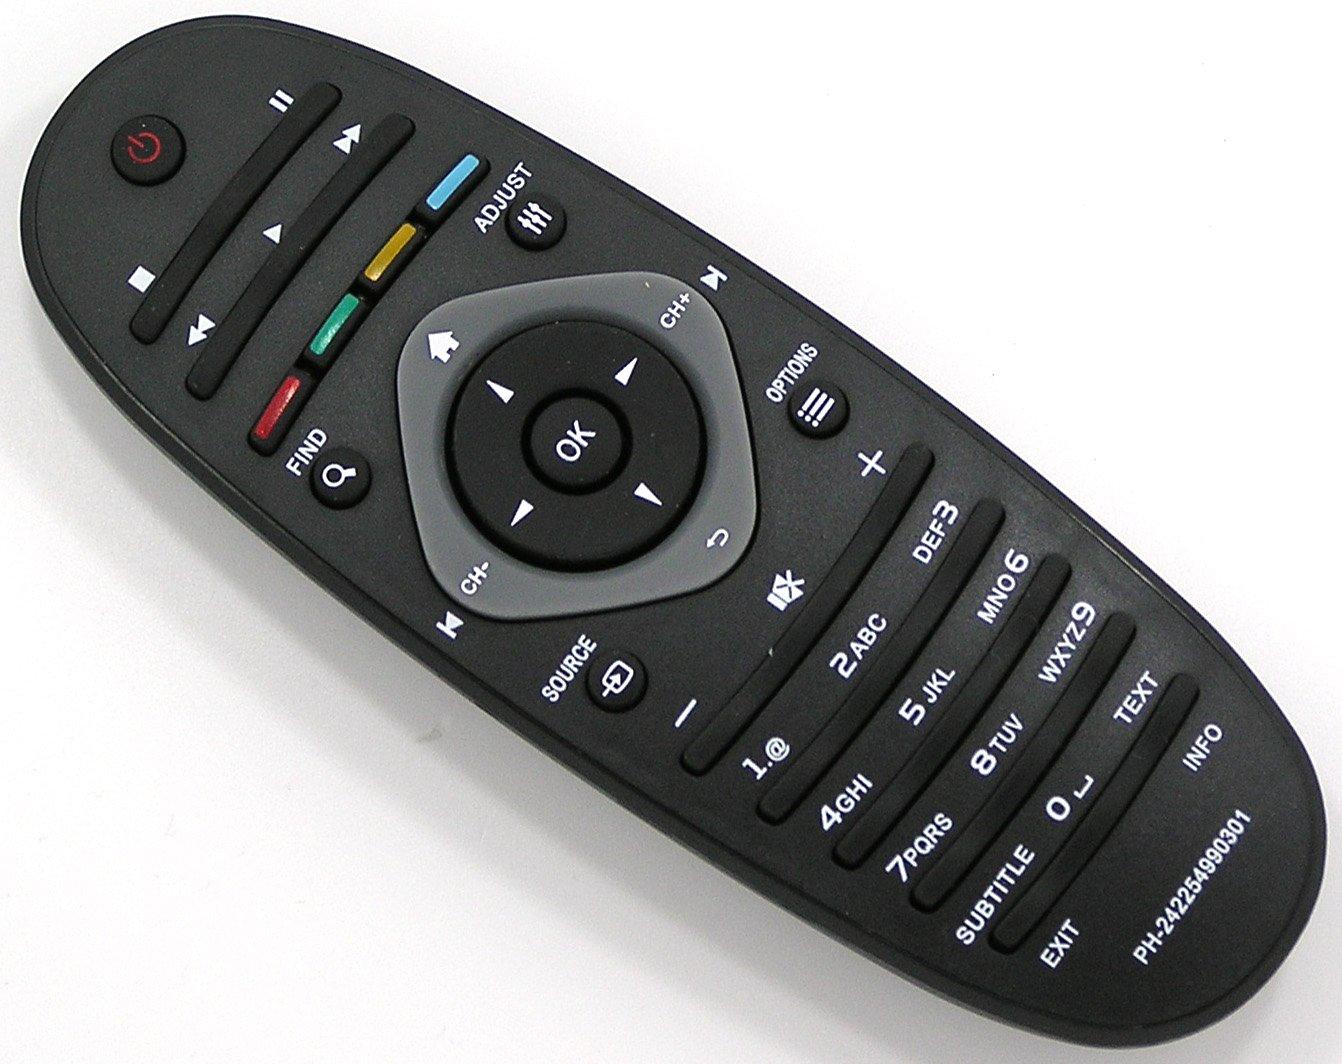 Telecomando di ricambio Philips 242254990301 YKF293-001